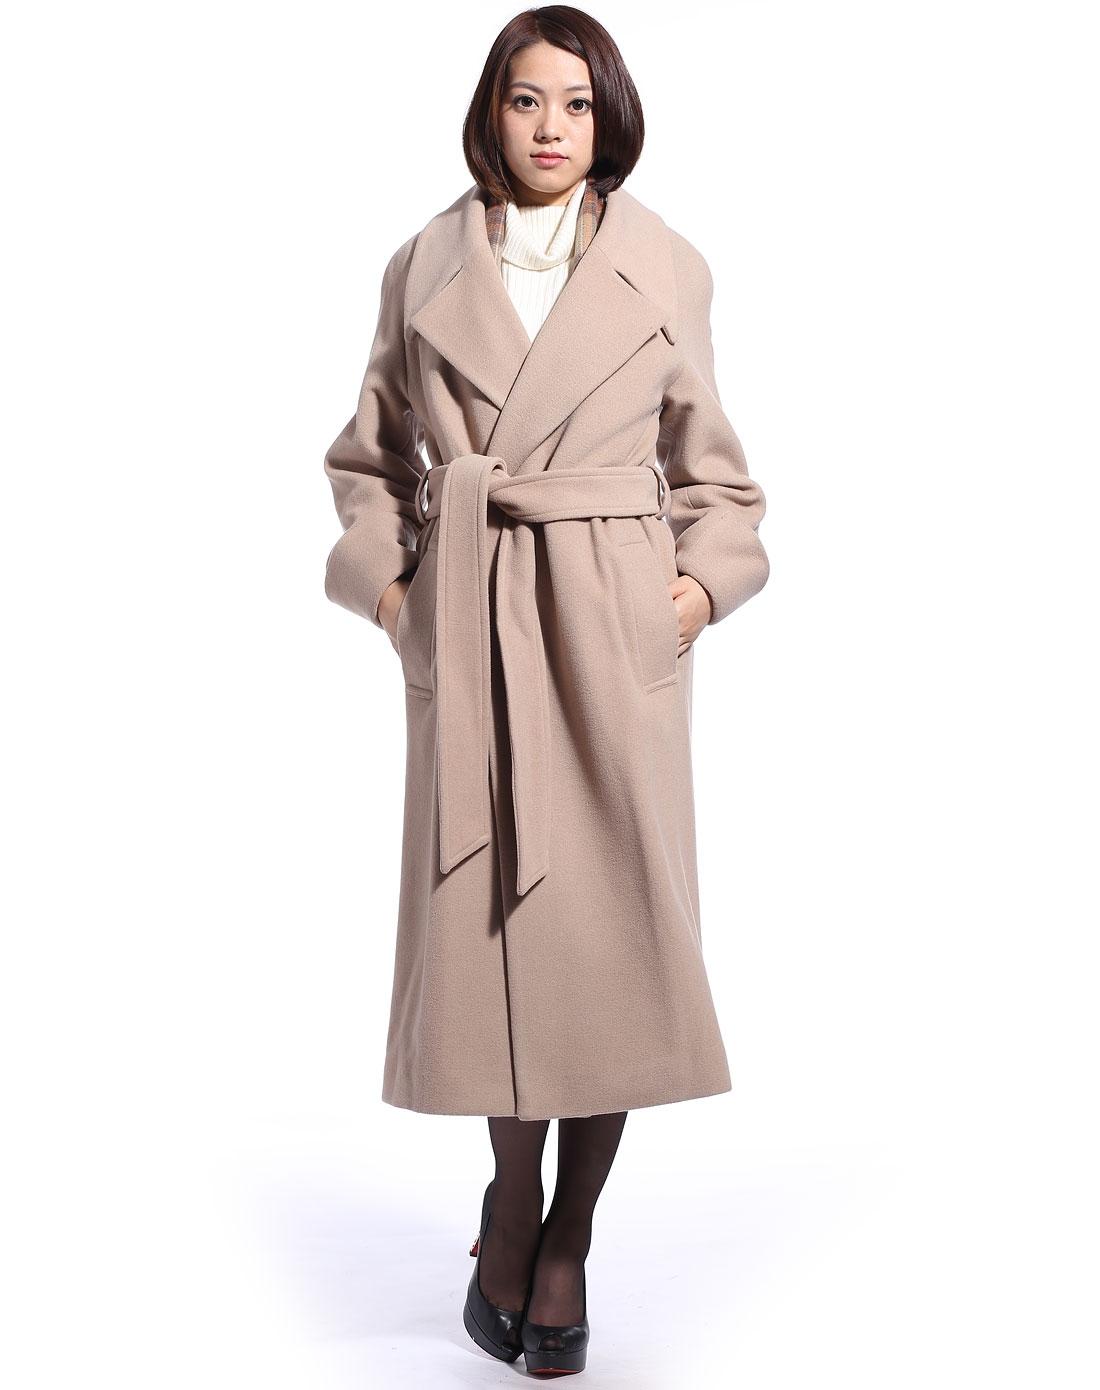 袖女_女卡其色翻领插肩袖女长羊绒大衣